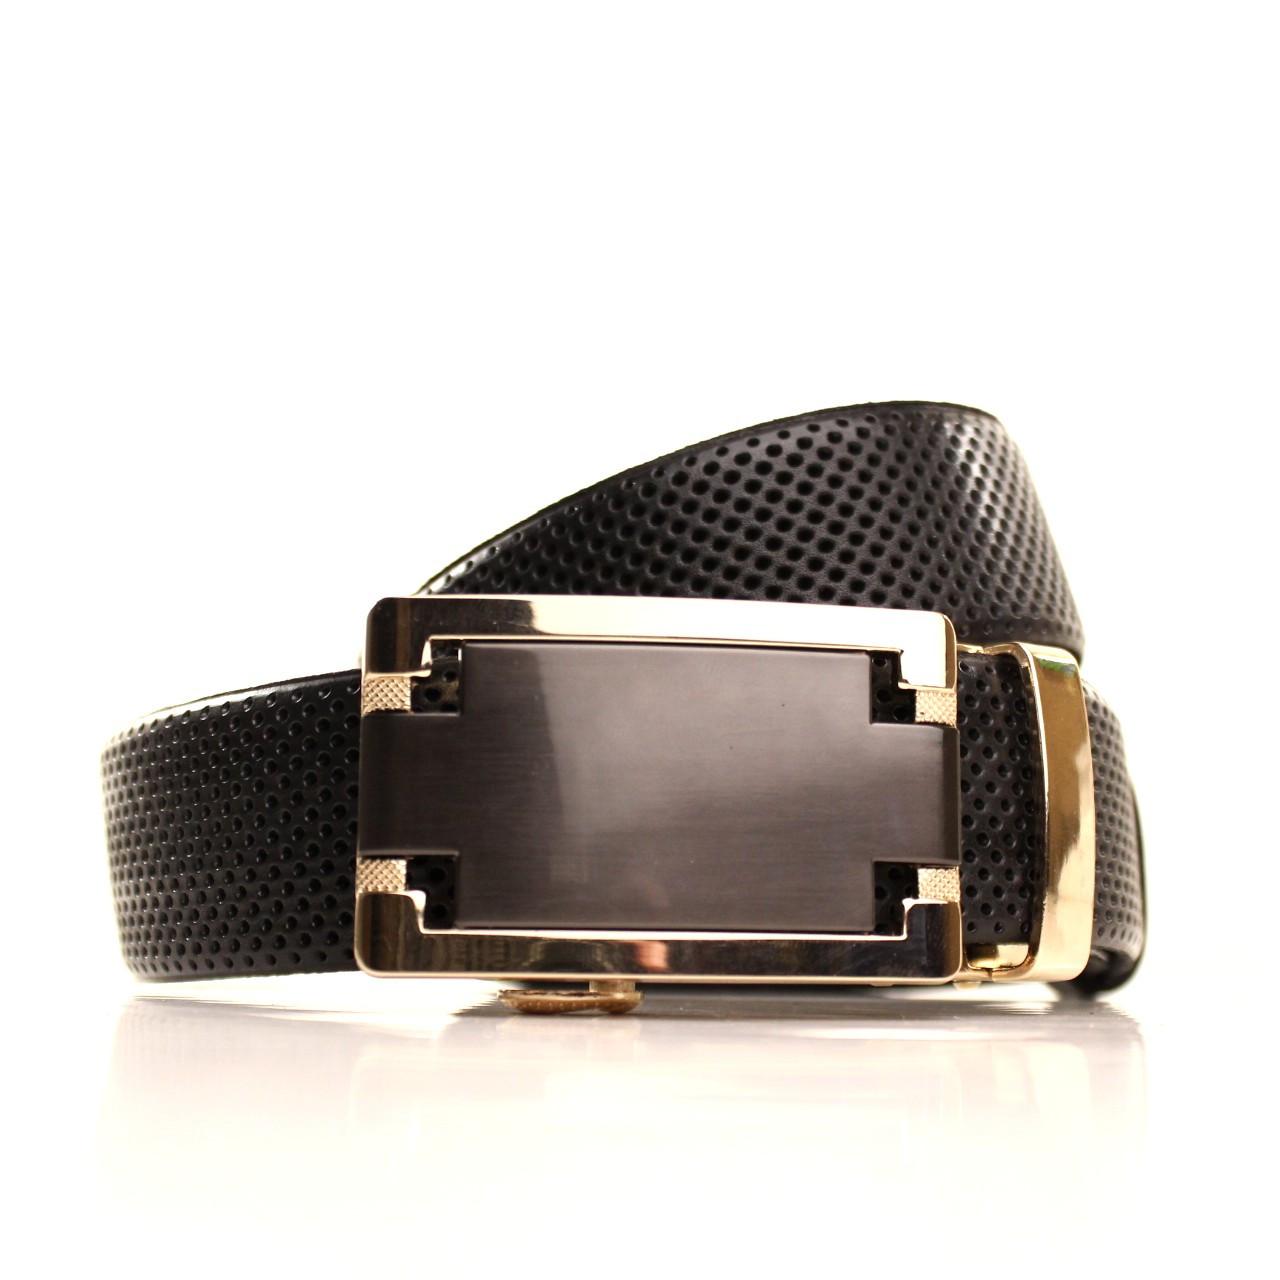 Ремень кожаный Lazar 120-125 см черный l35u1a161